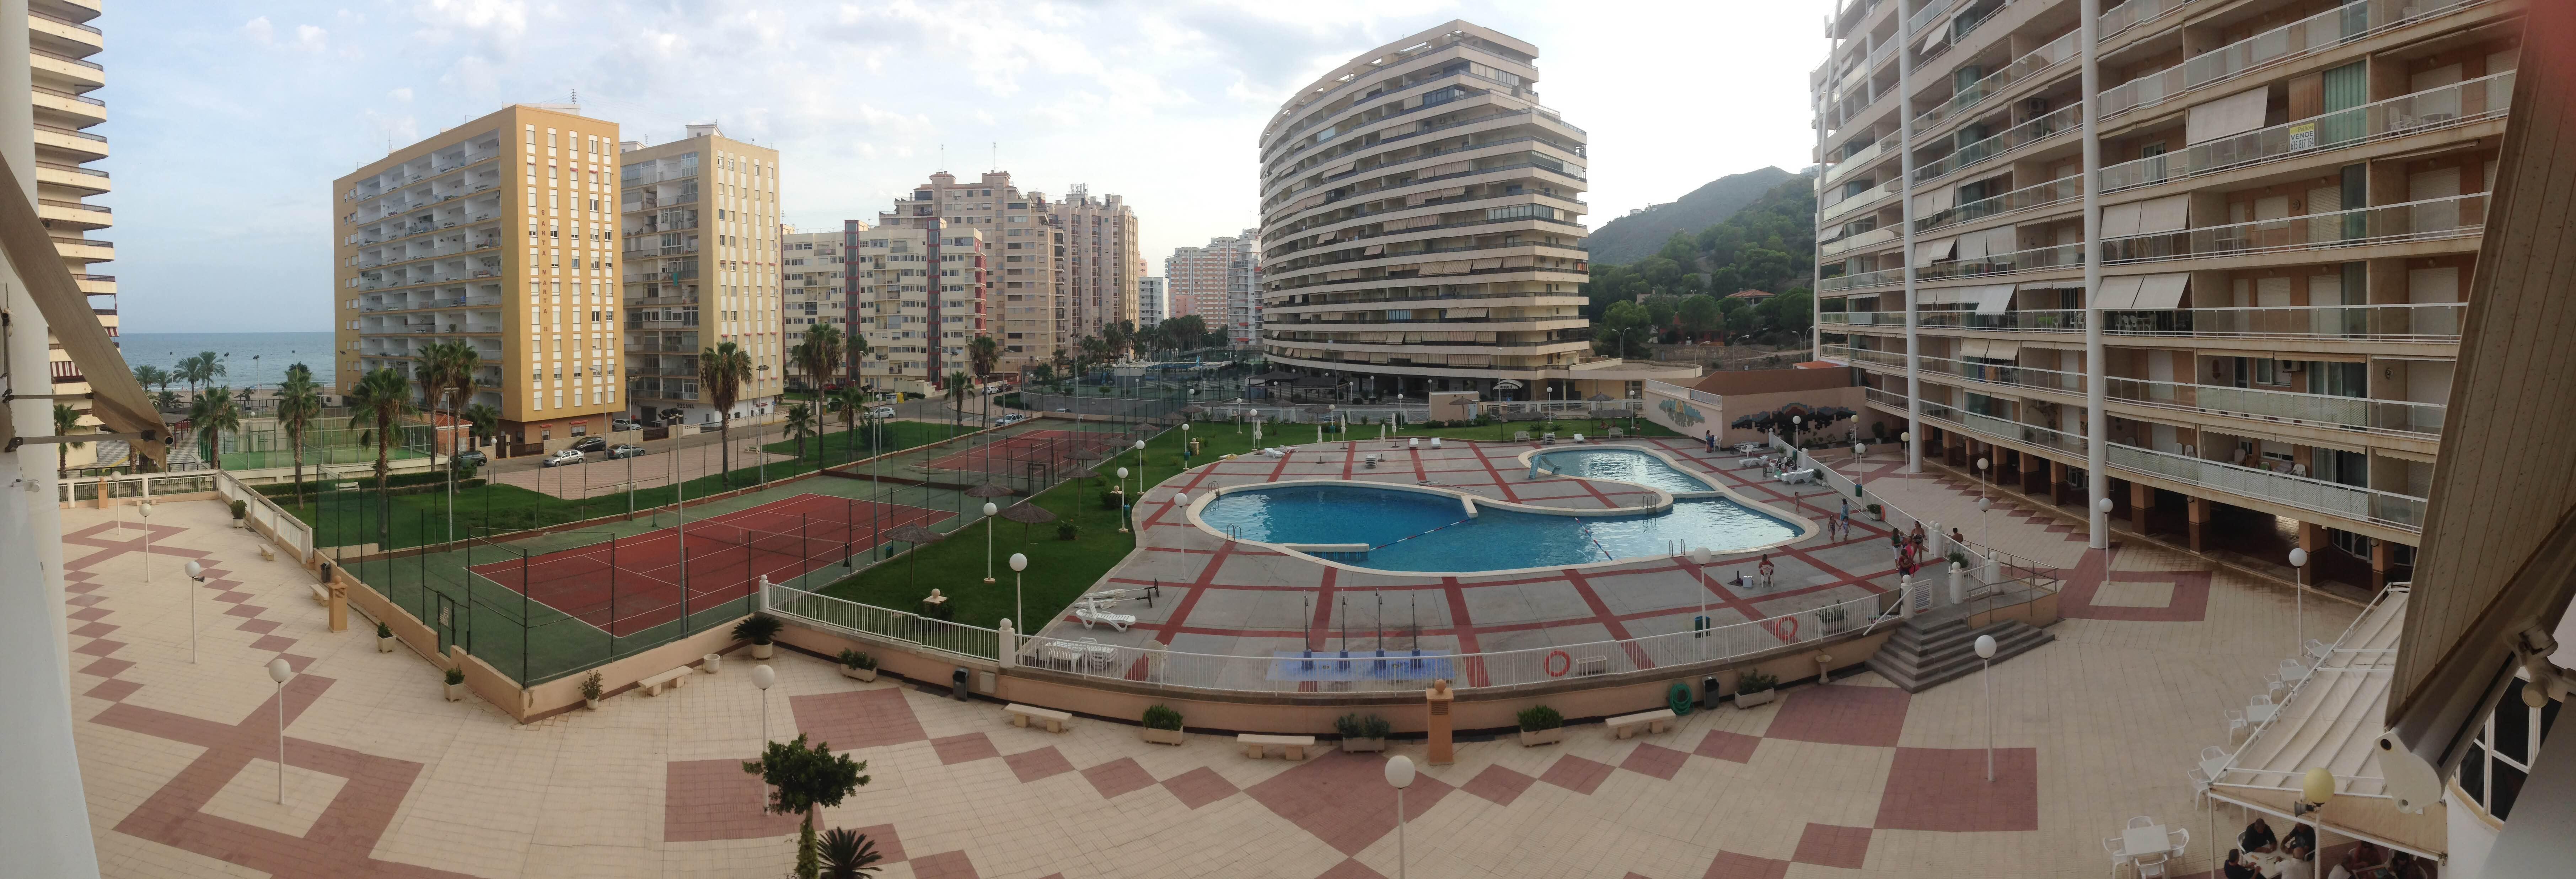 Inmobiliaria gestitur apartamento en la zona del raco rac 4715 inmobiliaria cullera - Venta apartamentos playa cullera ...